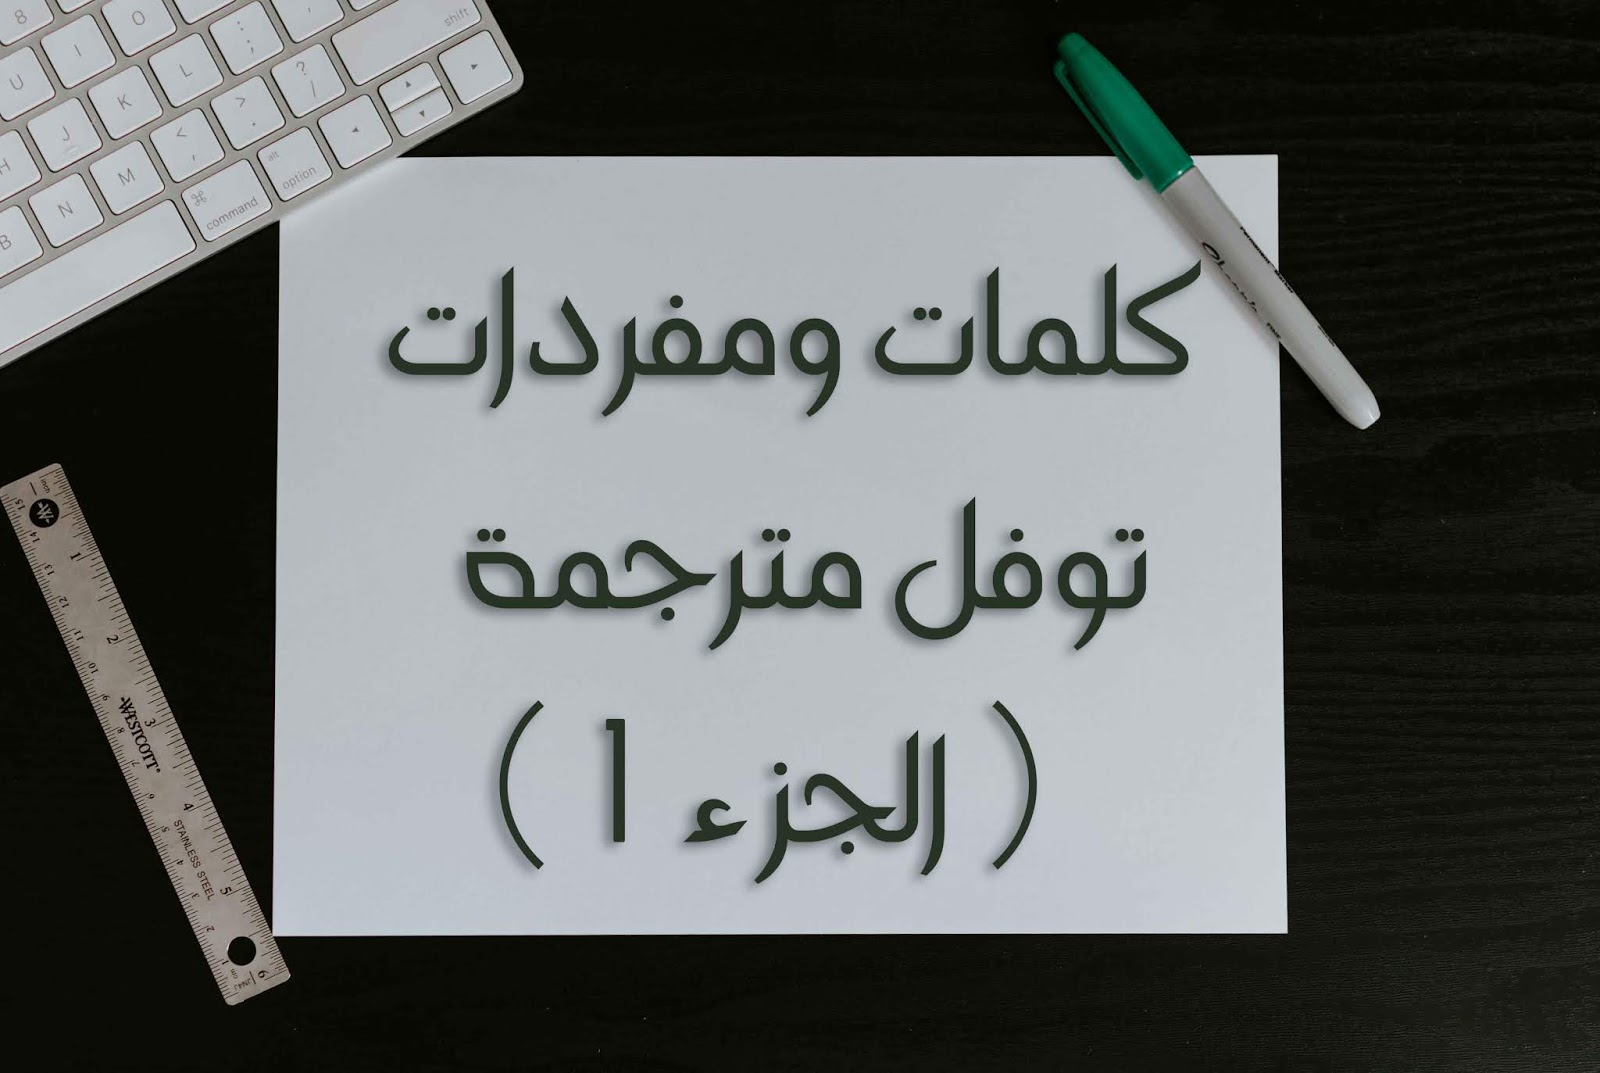 تحميل كتاب التوفل بجامعة القاهرة pdf